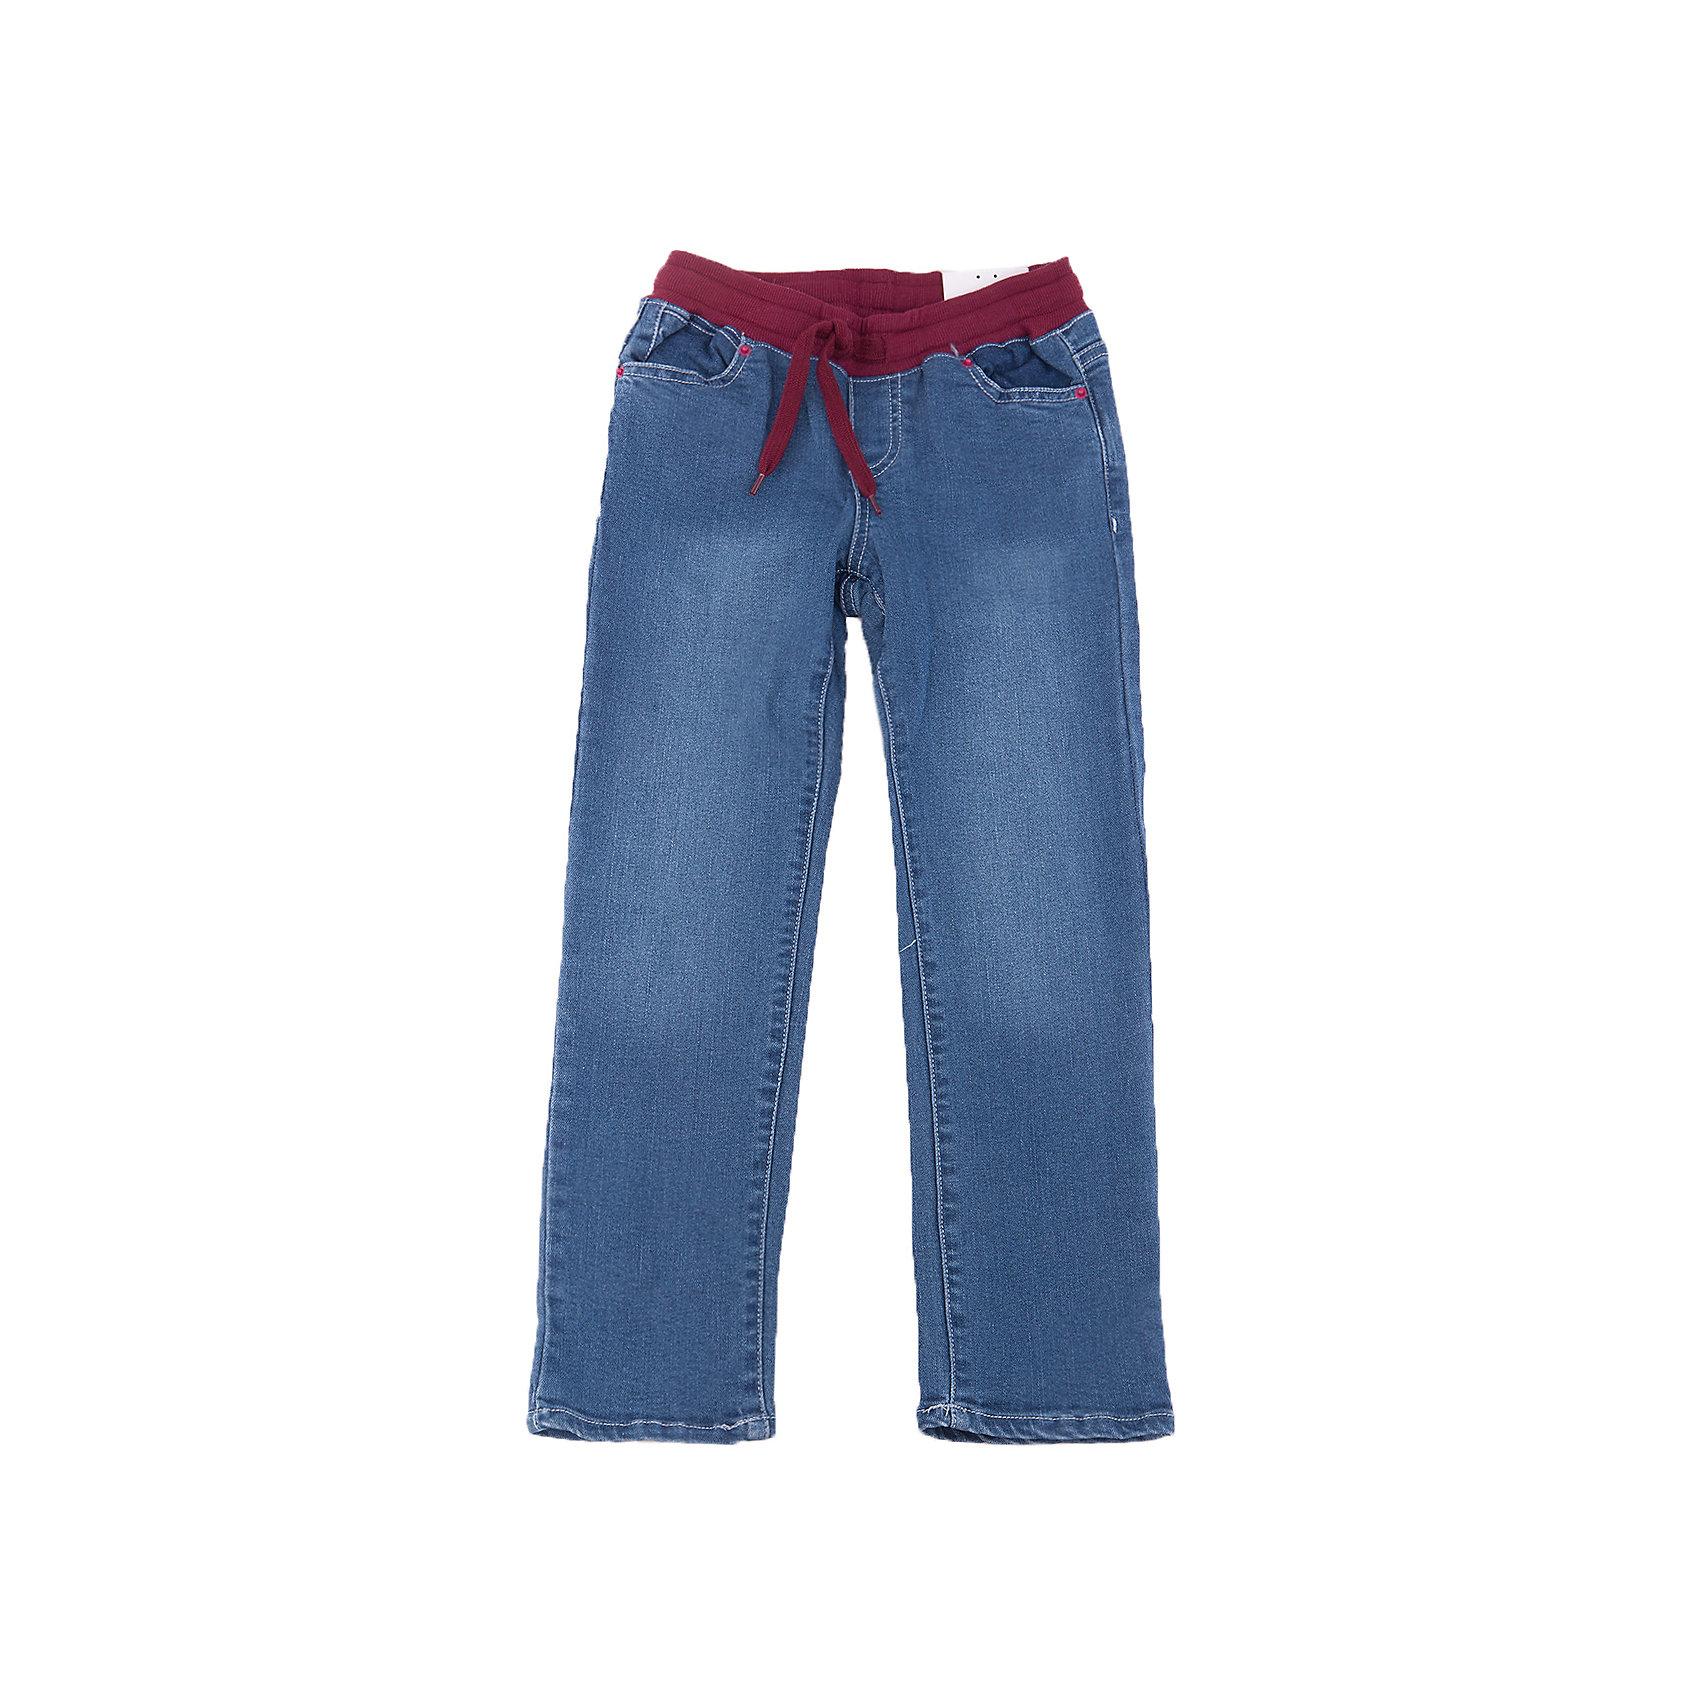 Джинсы для девочки PlayTodayДжинсы для девочки от известного бренда PlayToday.<br>Стильные хлопковые джинсы с модными потертостями. Пояс на трикотажной резинке бордового цвета, дополнительно регулируется шнурком. Есть 4 функциональных кармана. <br>Состав:<br>47% вискоза, 41% хлопок, 10% полиэстер, 2% эластан<br><br>Ширина мм: 215<br>Глубина мм: 88<br>Высота мм: 191<br>Вес г: 336<br>Цвет: синий<br>Возраст от месяцев: 72<br>Возраст до месяцев: 84<br>Пол: Женский<br>Возраст: Детский<br>Размер: 122,104,98,128,110,116<br>SKU: 4898004